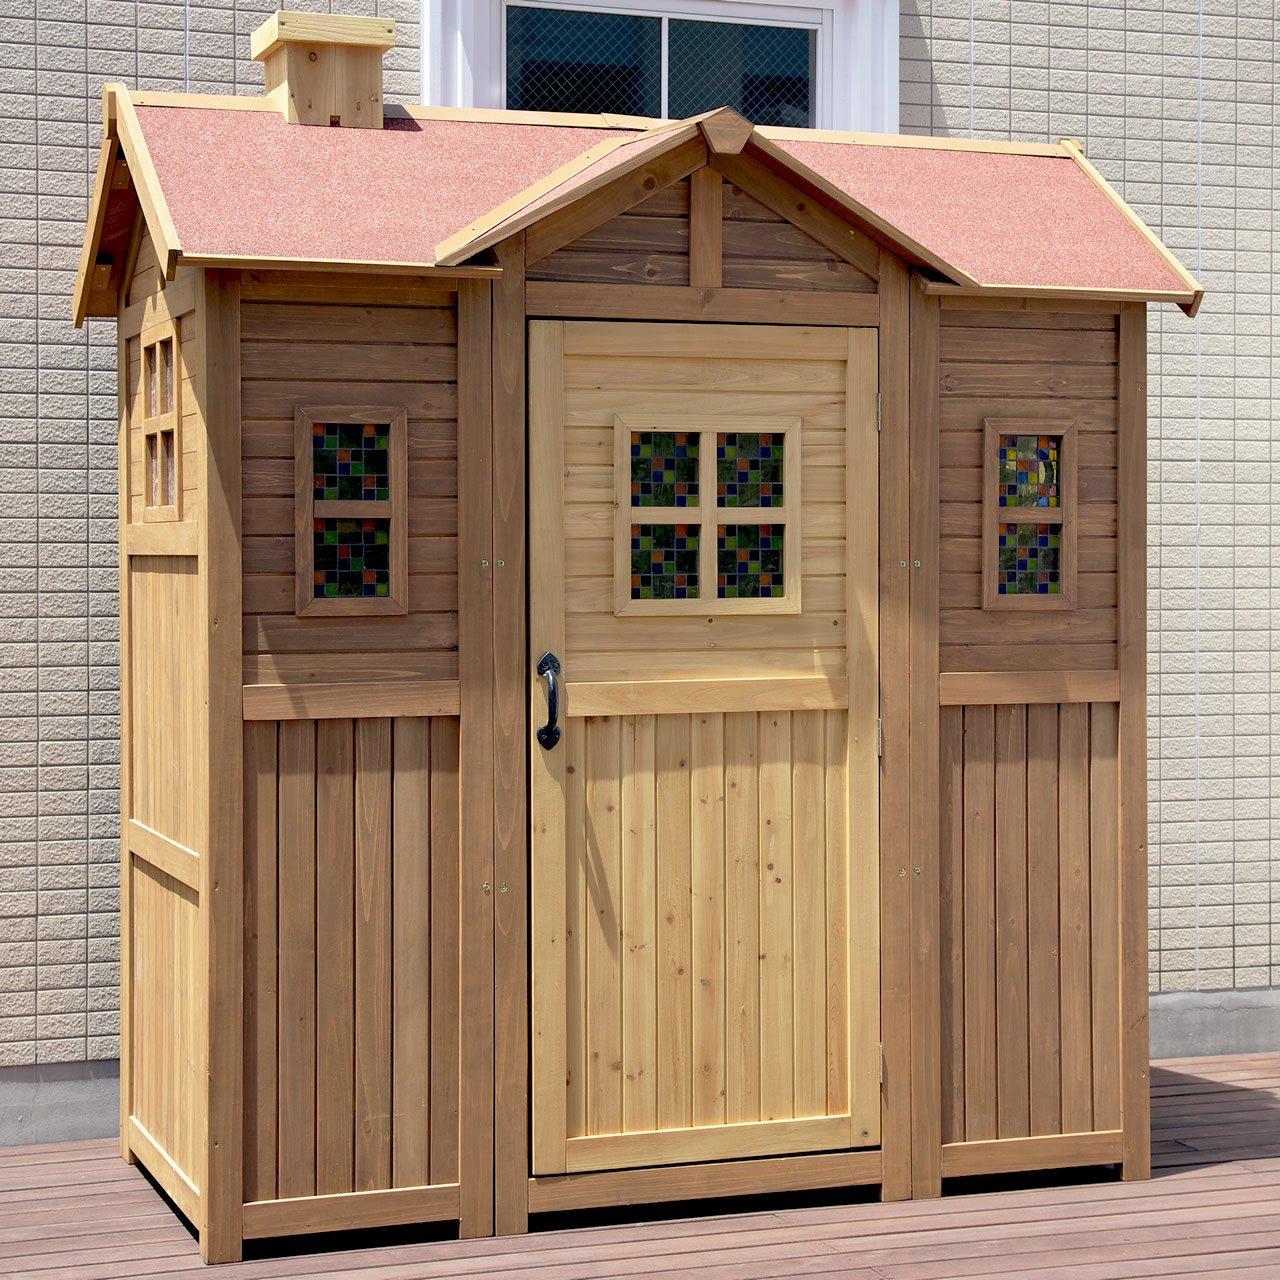 ガーデンガーデン 大型木製物置小屋 ポタジェモザイク ガーデンシェッド (高さ204cm×幅195cm×奥行き106cm) ライトブラウン PTG-1950LBR 超大型ガーデンシェッド ライトブラウン(モザイク窓付) B013HWSSJM